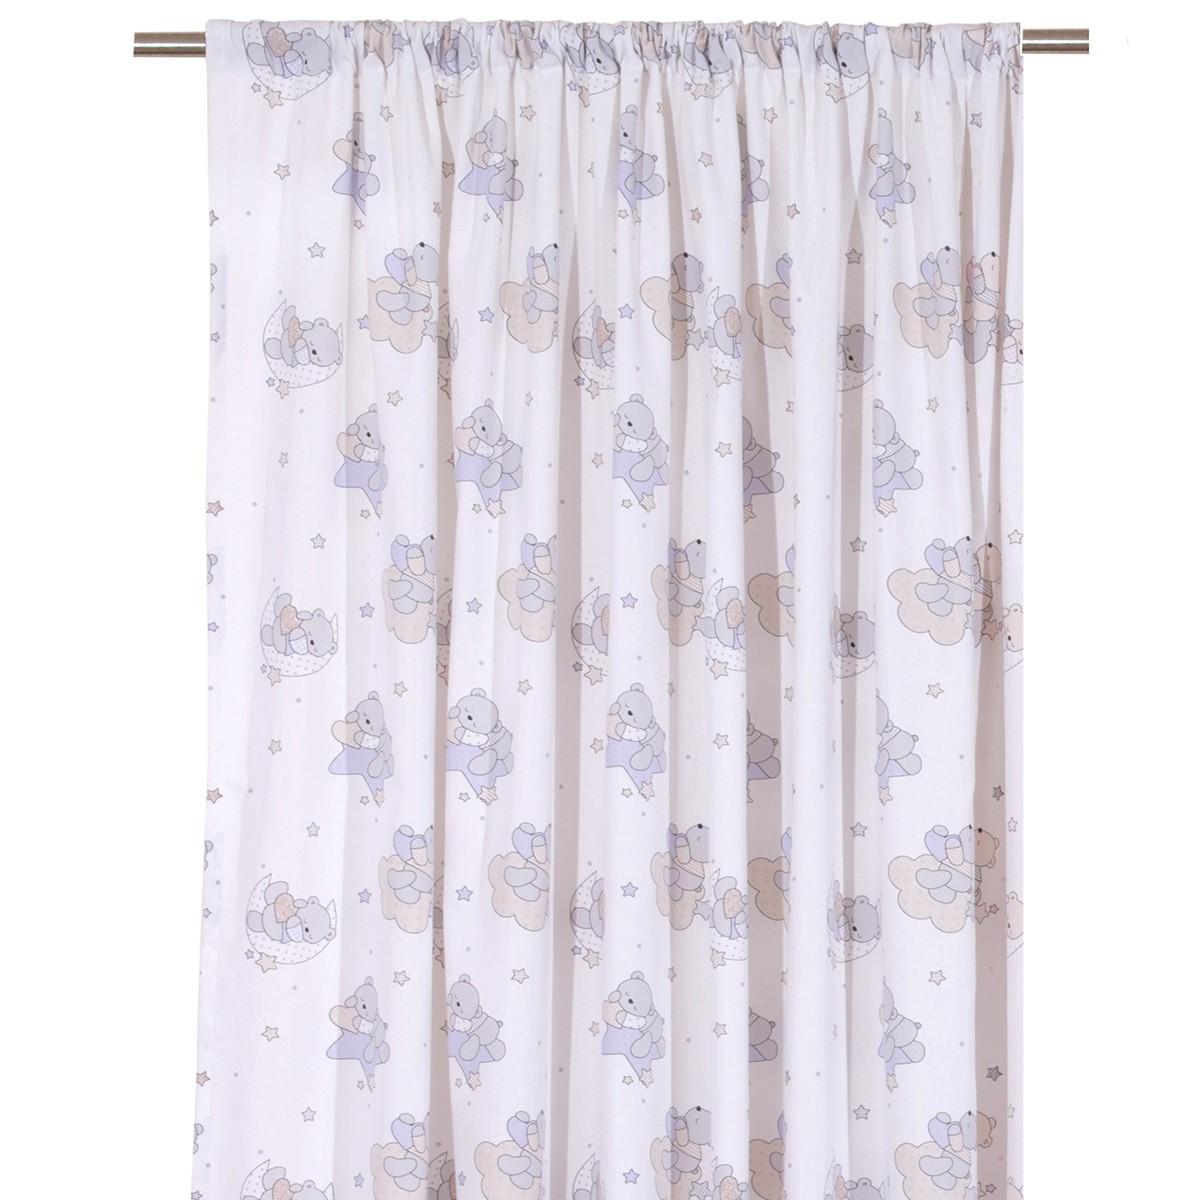 Παιδική Κουρτίνα (160×270) Viopros Curtains Τέντι Γκρι